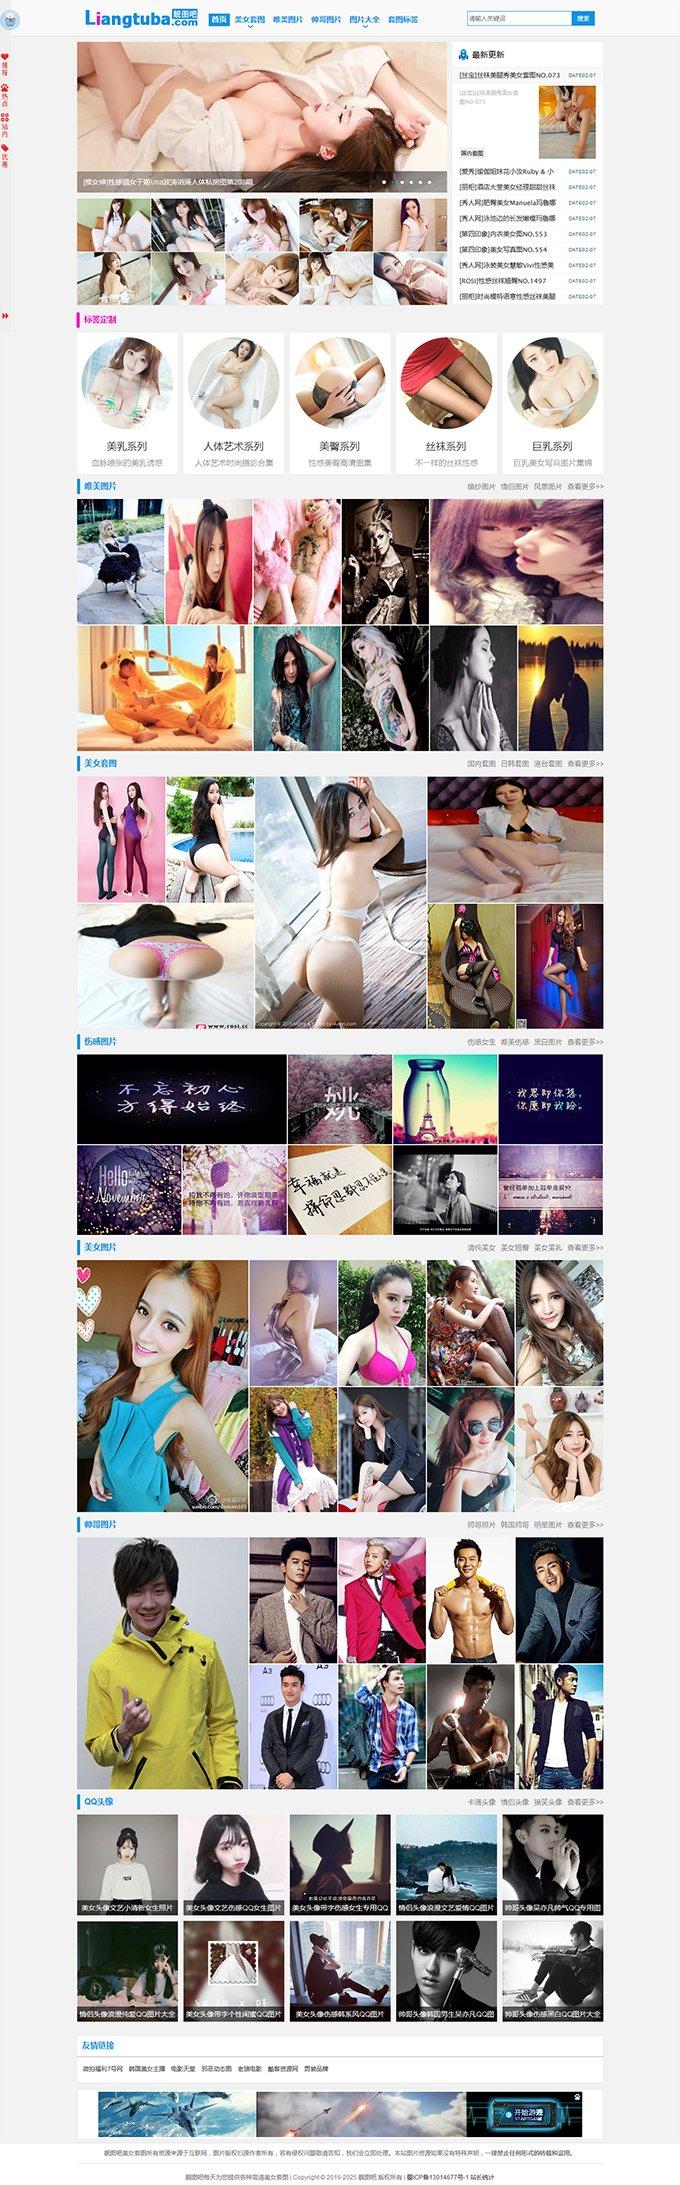 帝国mm131图片站模板,mm131美女写真站帝国CMS源码